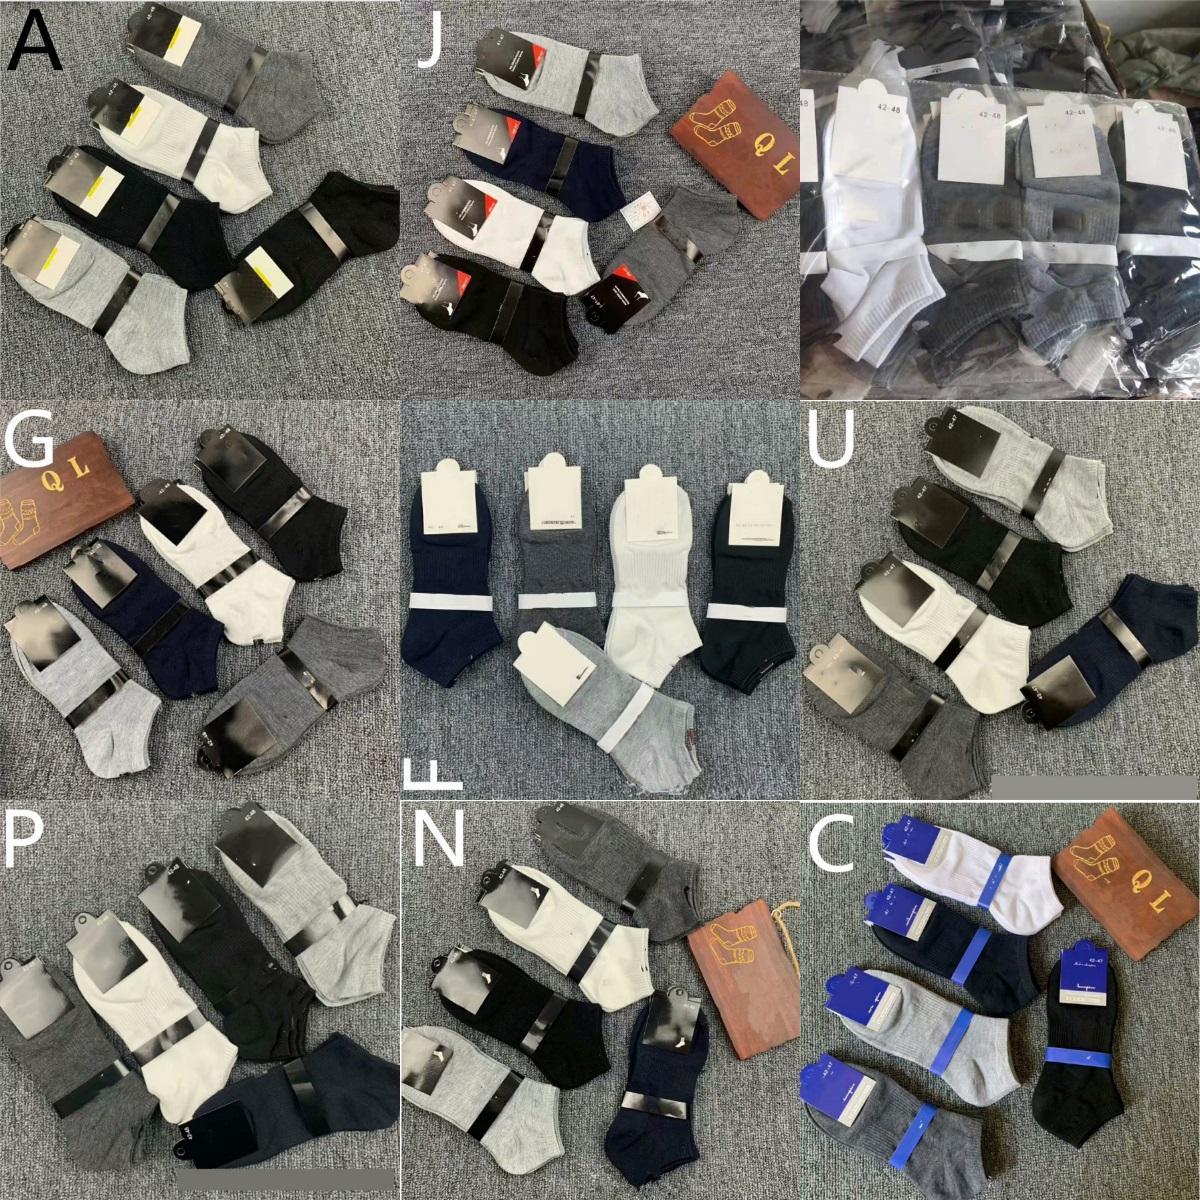 New Comfort Cushioned Breathable Socks Anti-Blister Low SportsSocks Cotton Socks Ankle Athletic Running Basketball Sport Socks